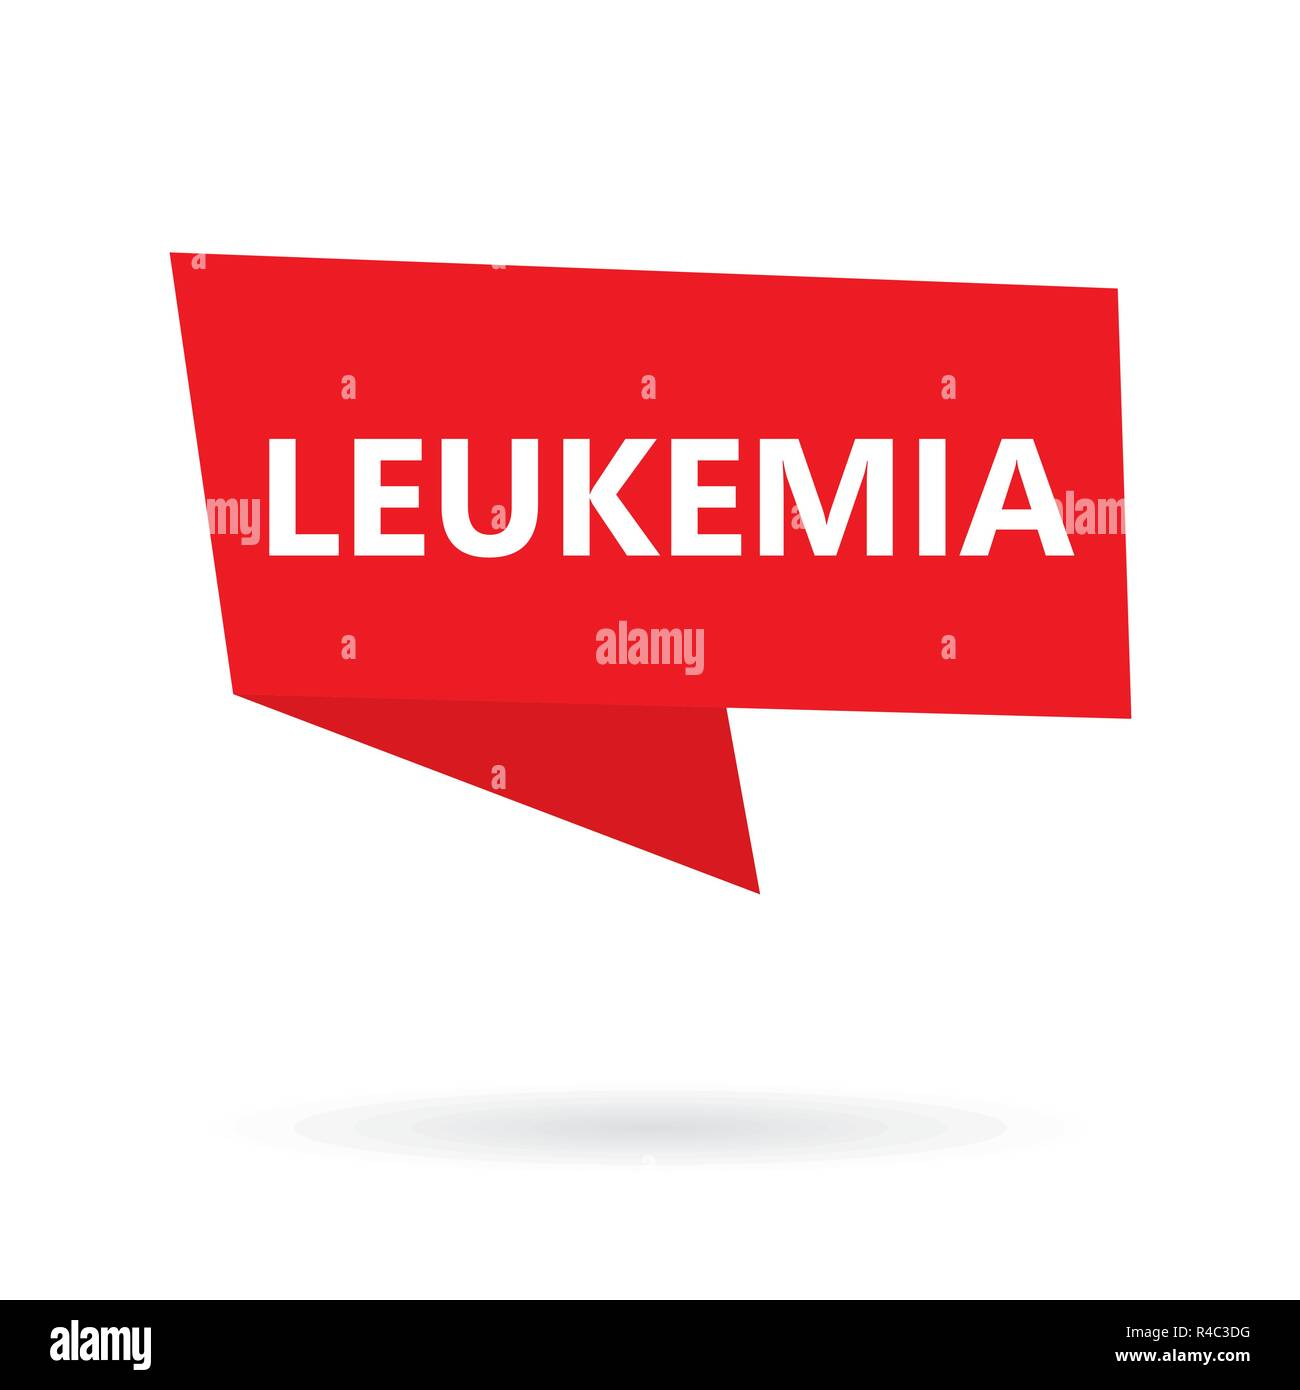 Leukemia word on a speech bubble- vector illustration - Stock Image